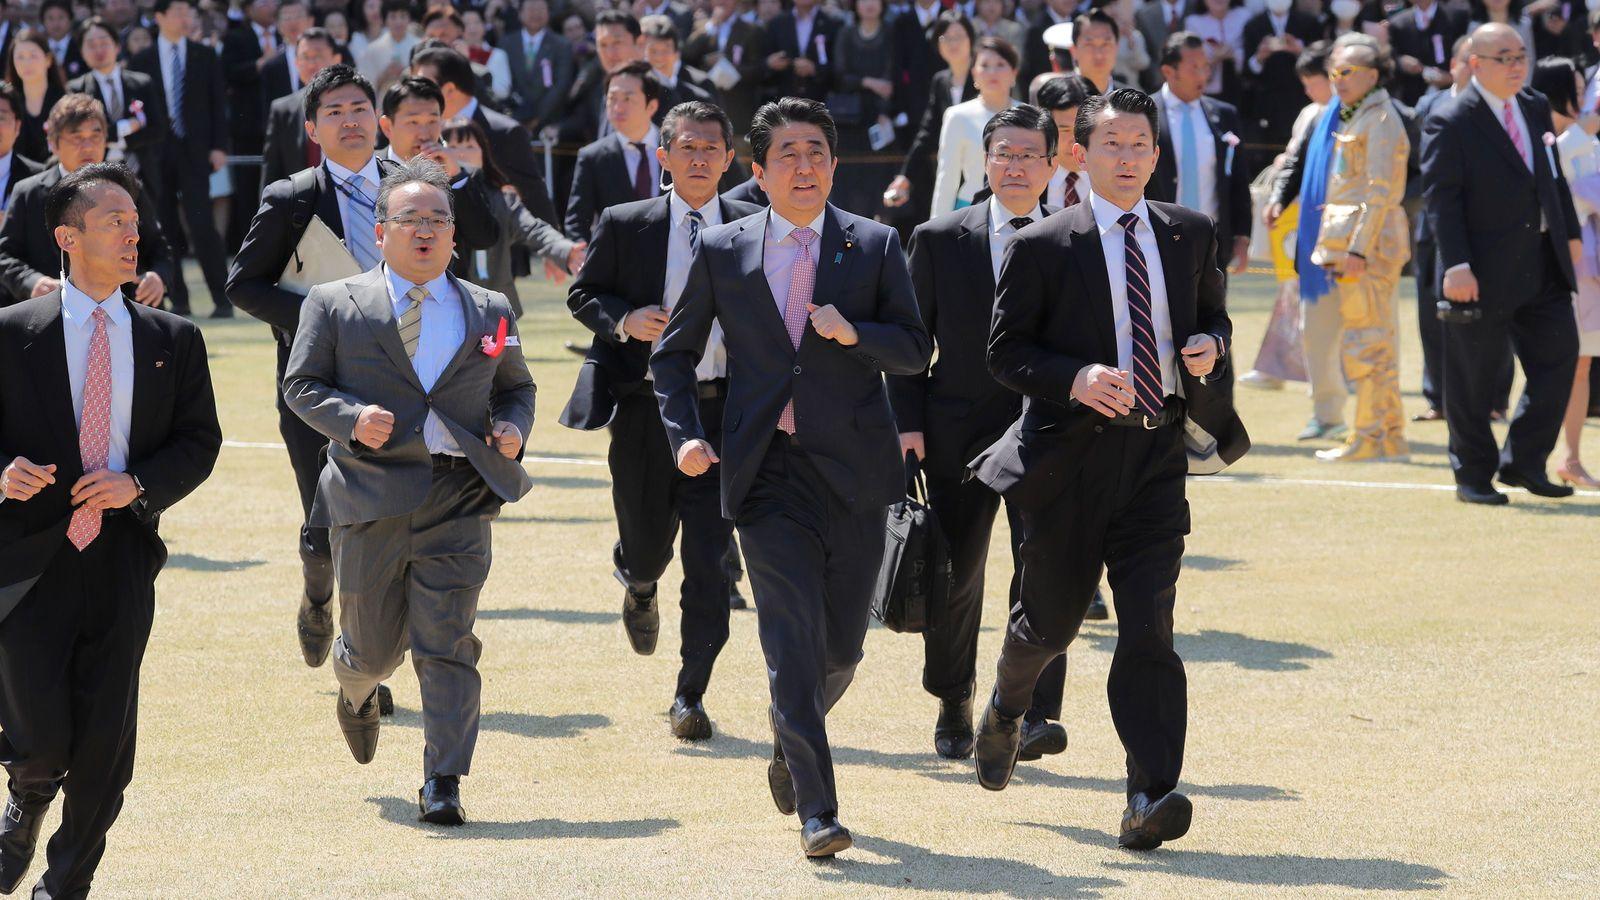 支持者を堂々と「税金」で接待する安倍氏の驕り 「桜を見る会」の驚くべき公私混同